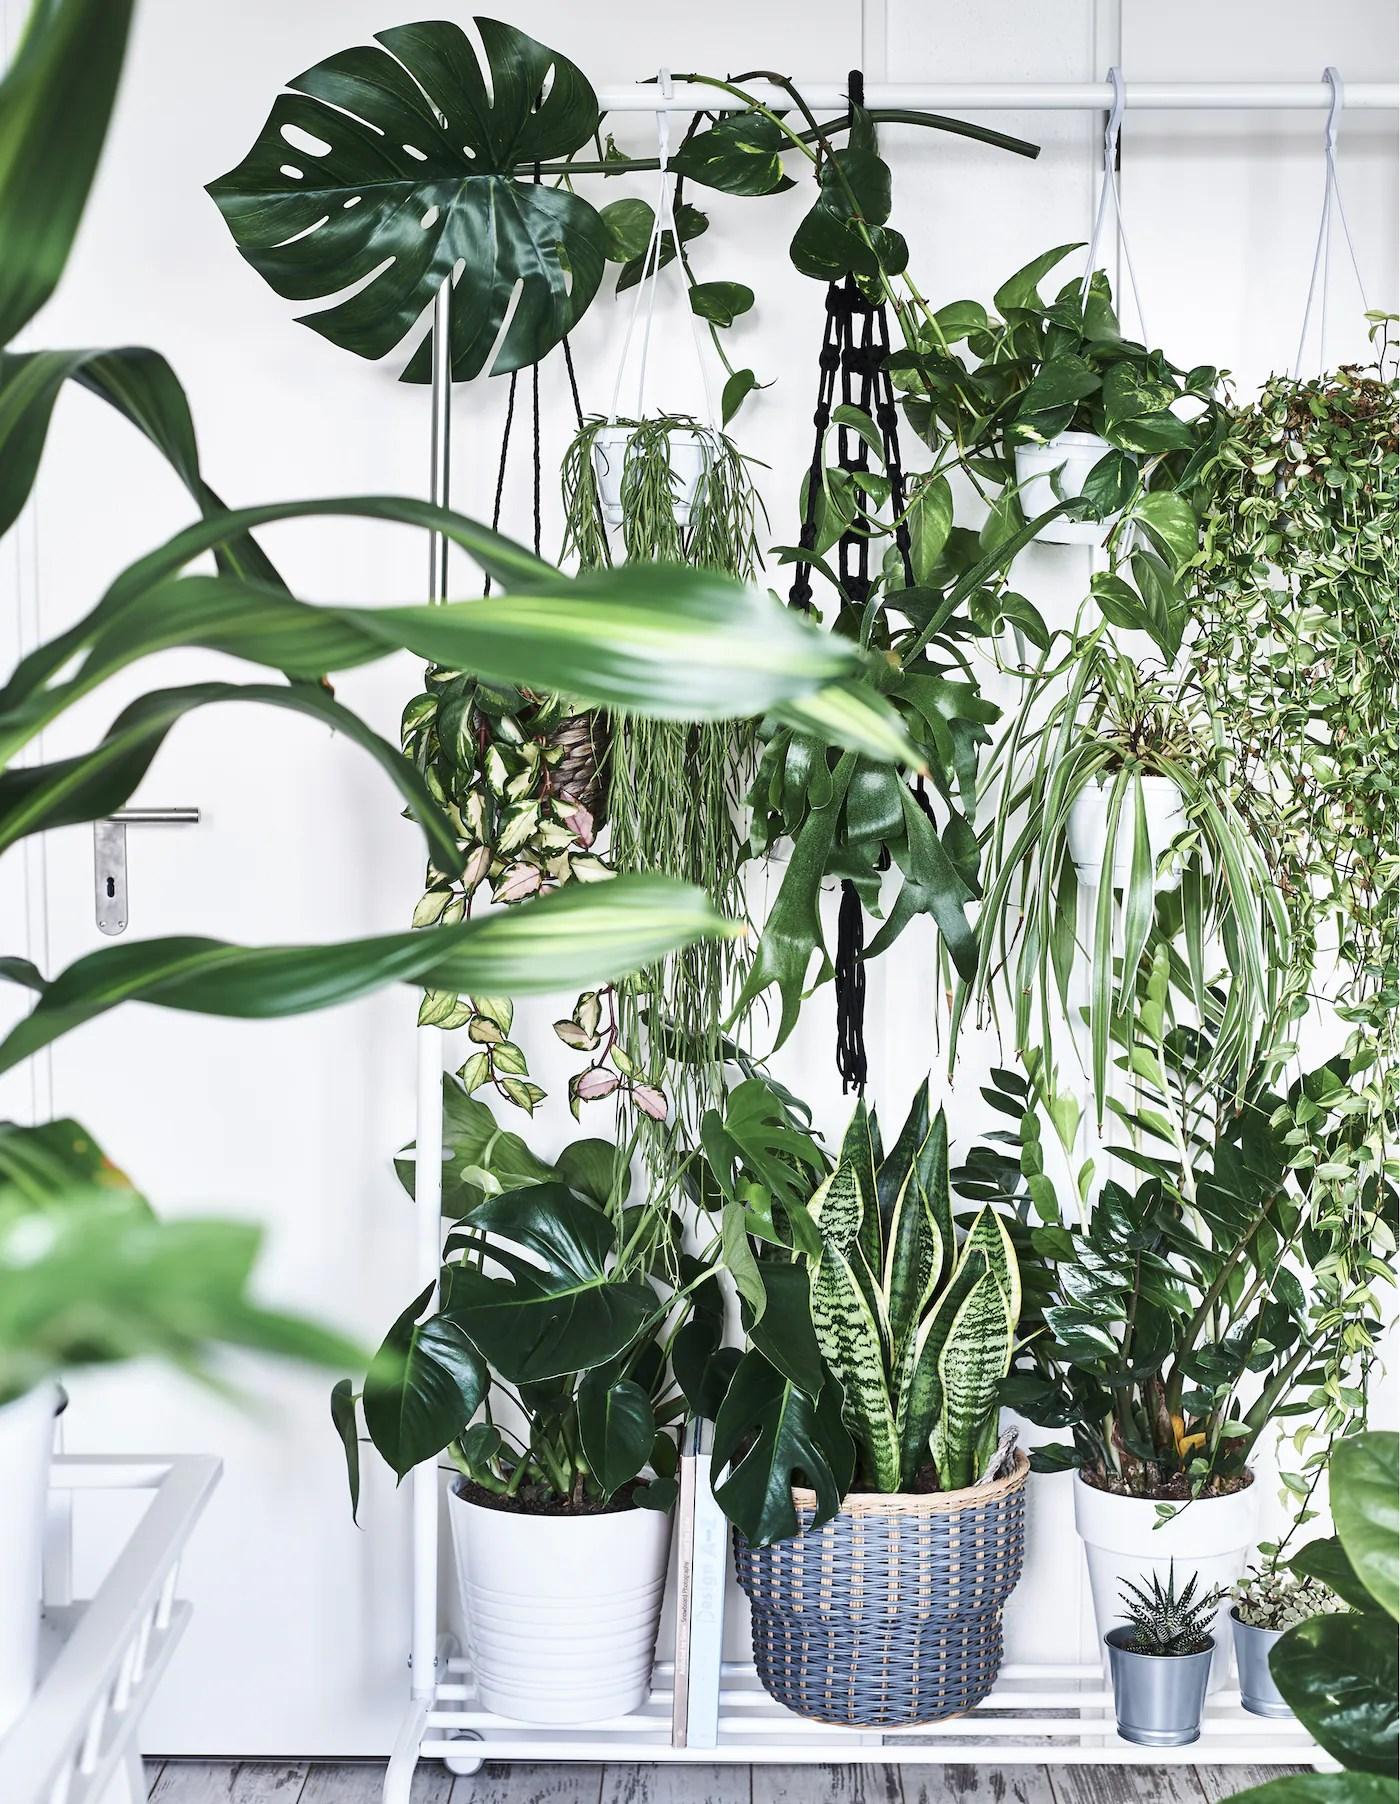 Piante ricadenti da interno, piccole cascate verdi che arredano · rami pendenti, steli rampicanti, infiorescenze allungate: Dove Sistemare Le Piante In Casa Ikea It